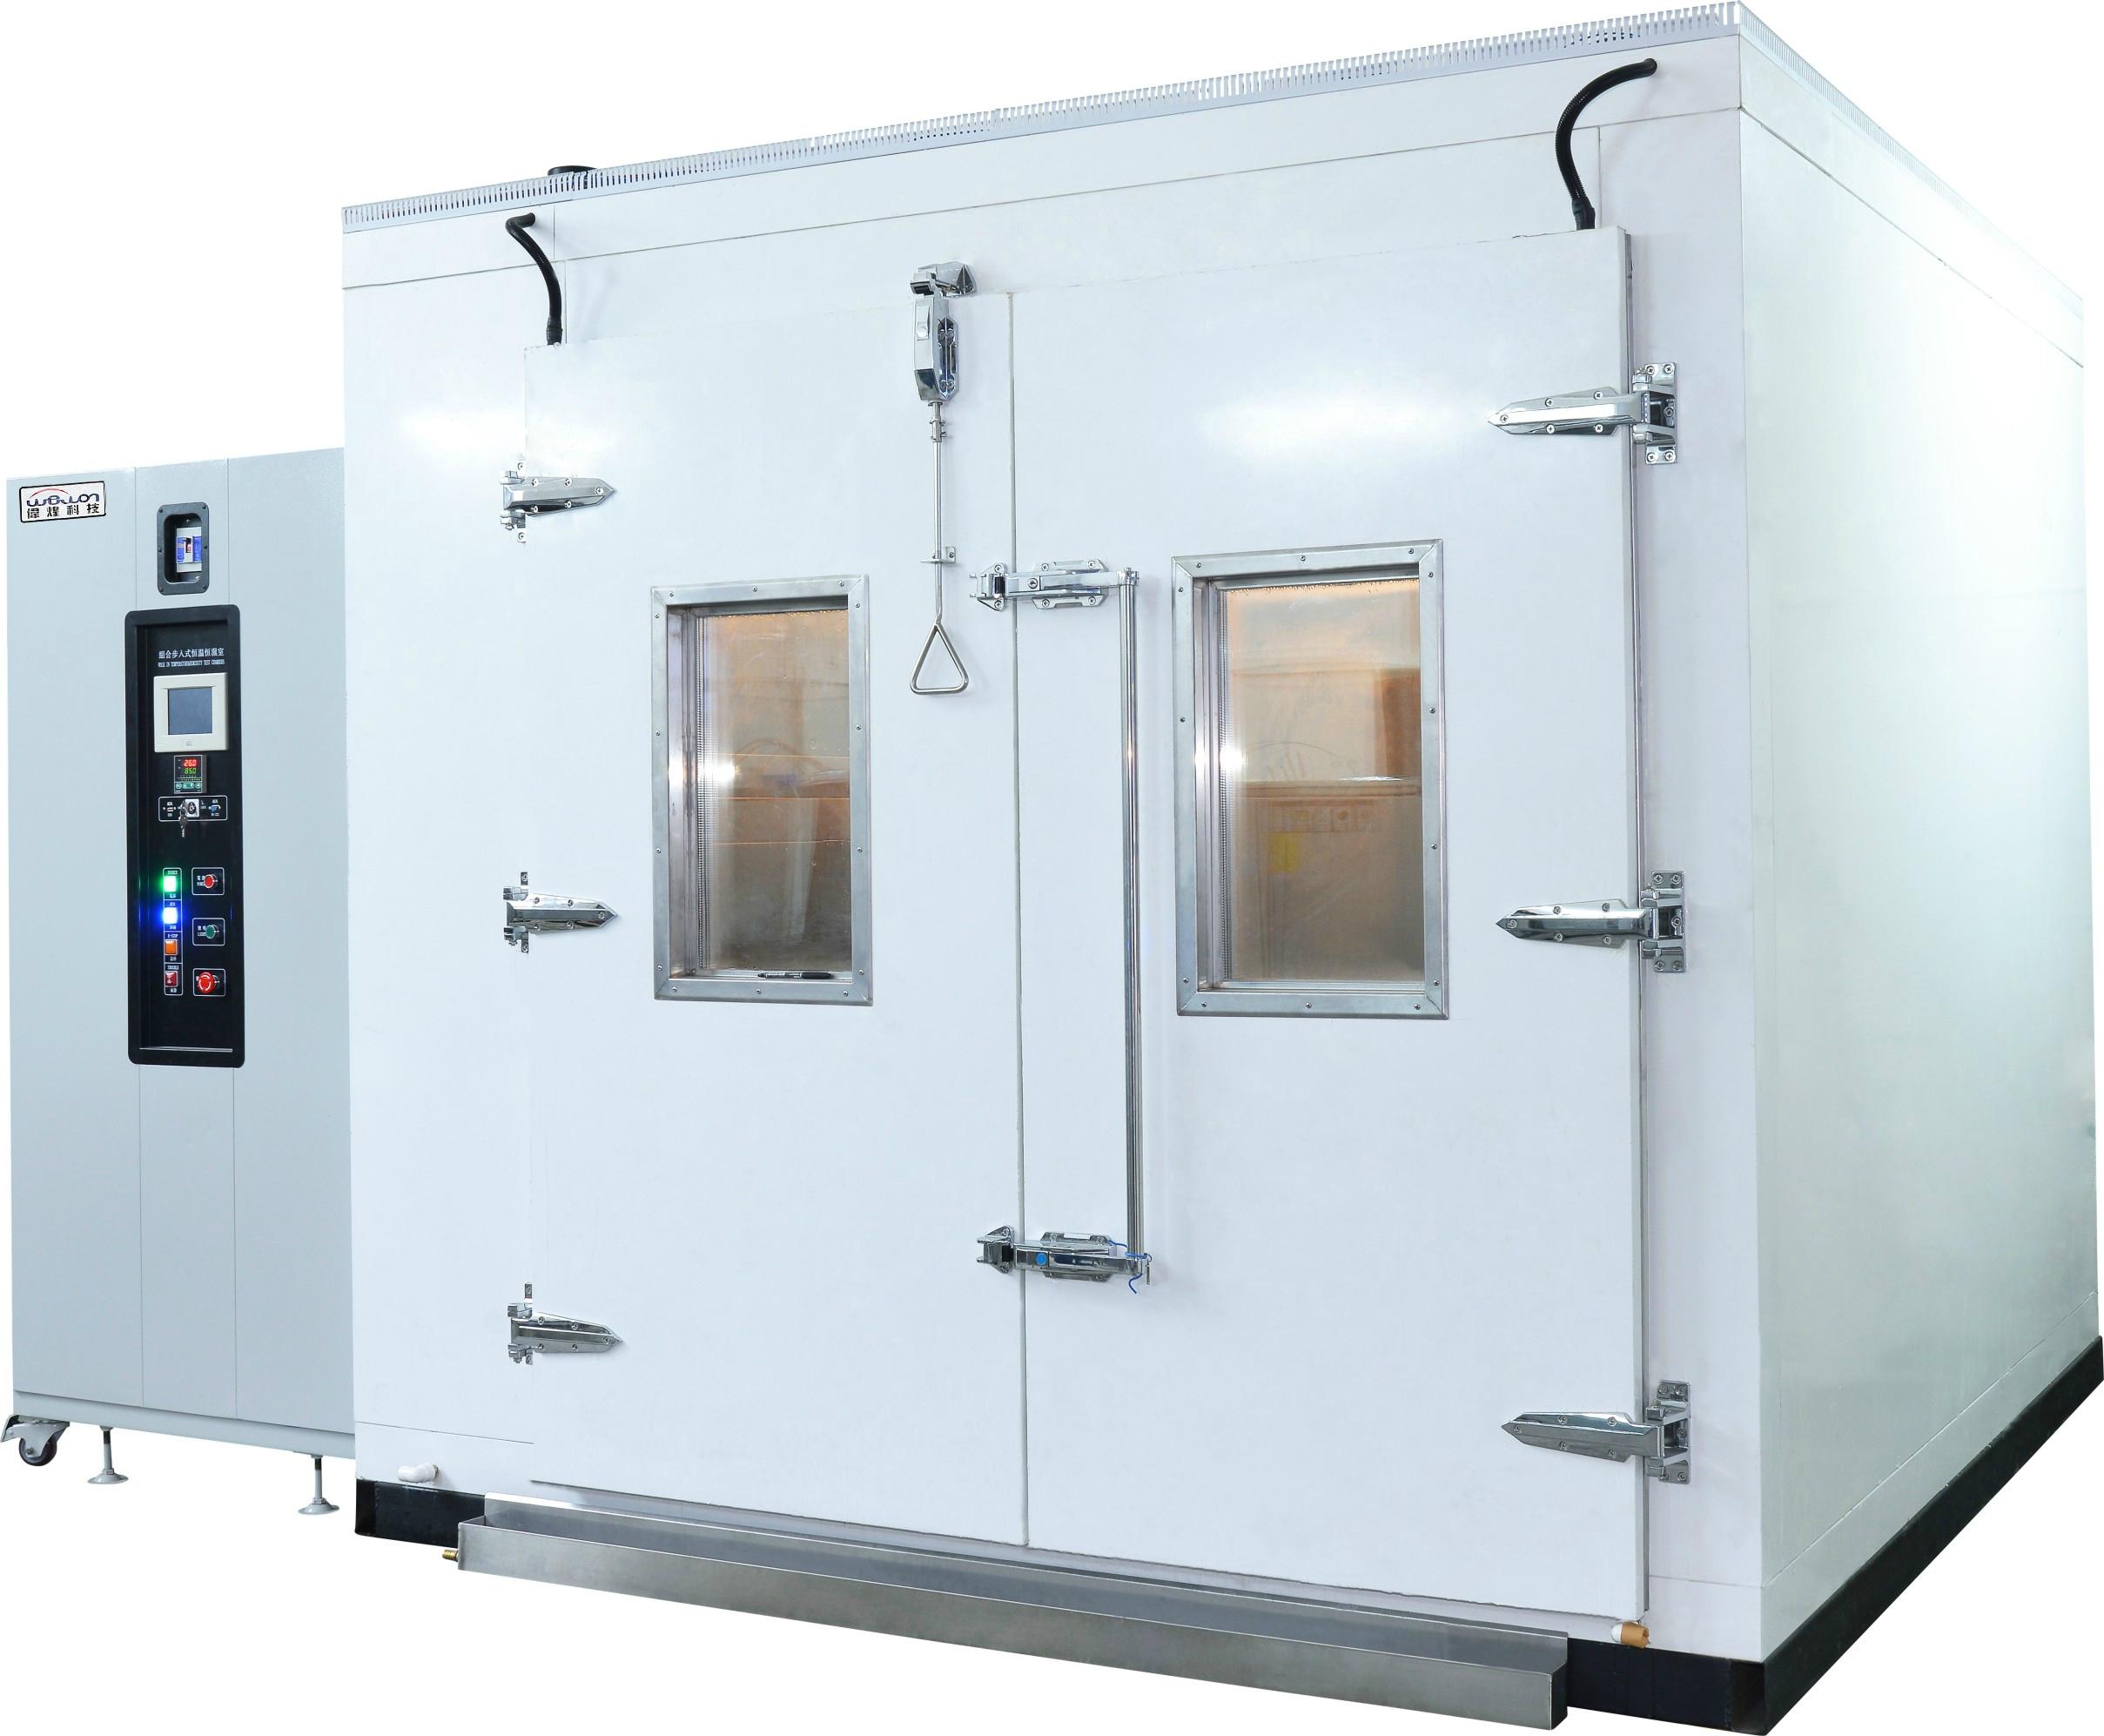 非标步入式恒温恒湿试验室温度的筛选及操作保养